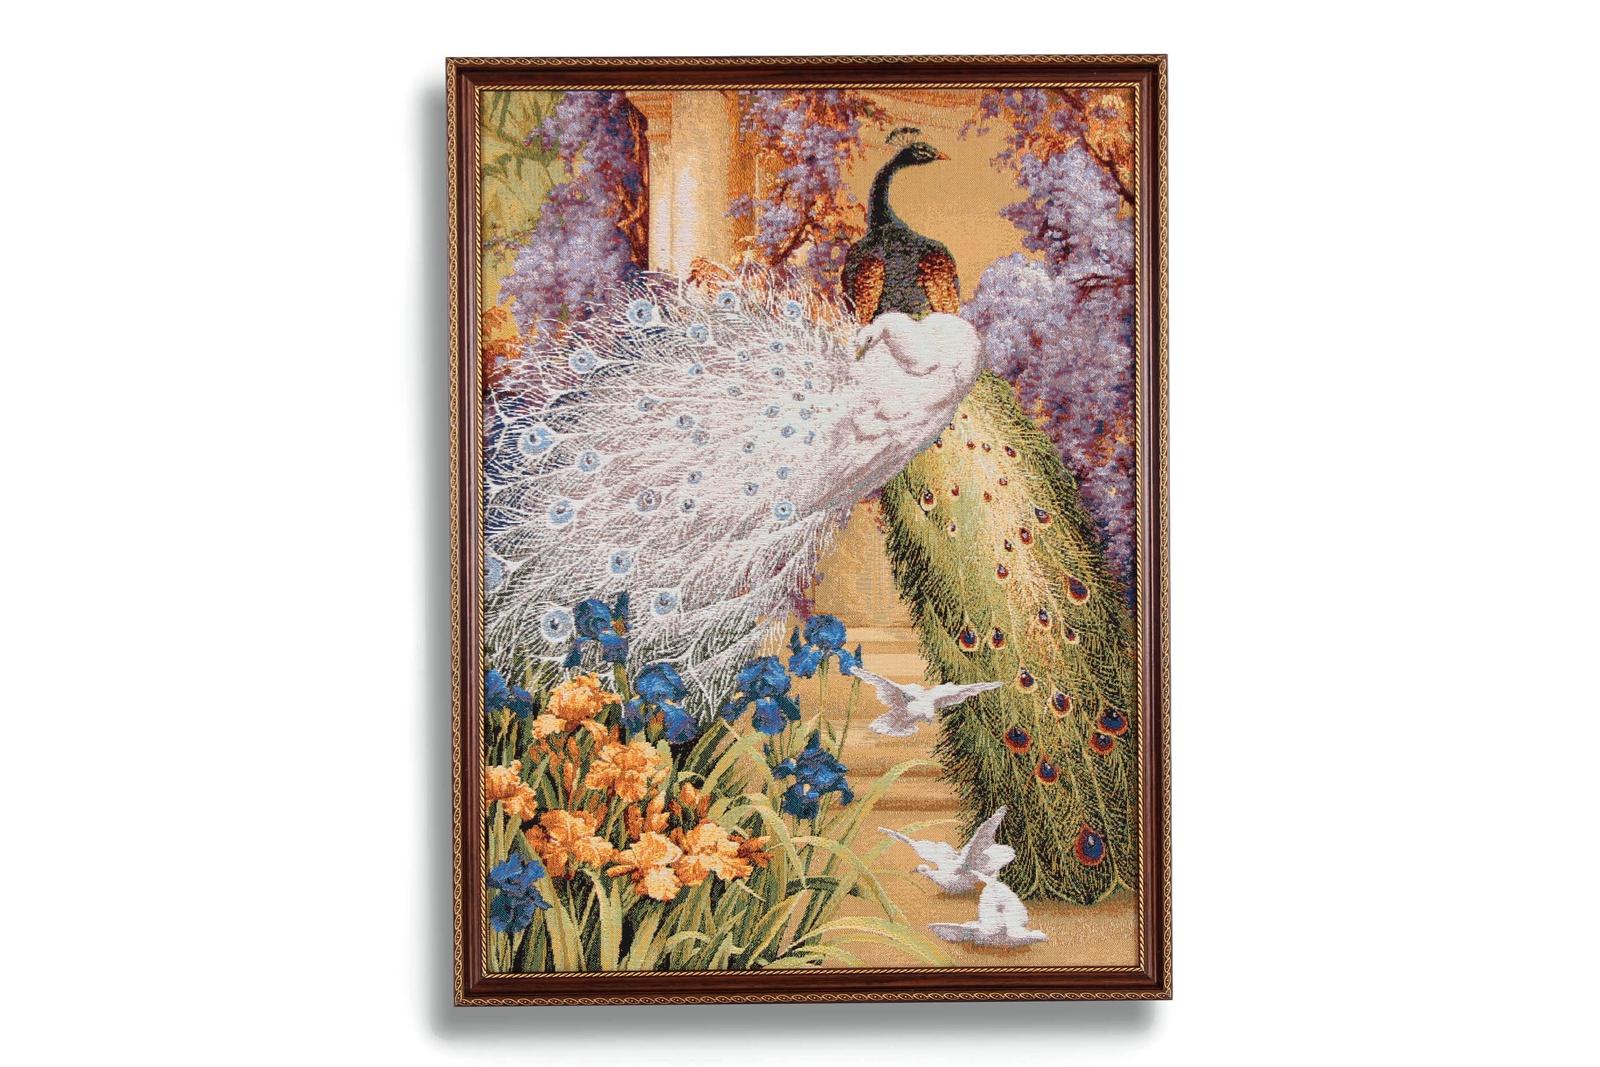 лучшая цена Картина Магазин гобеленов Павлиний дуэт 54*72см, Гобелен